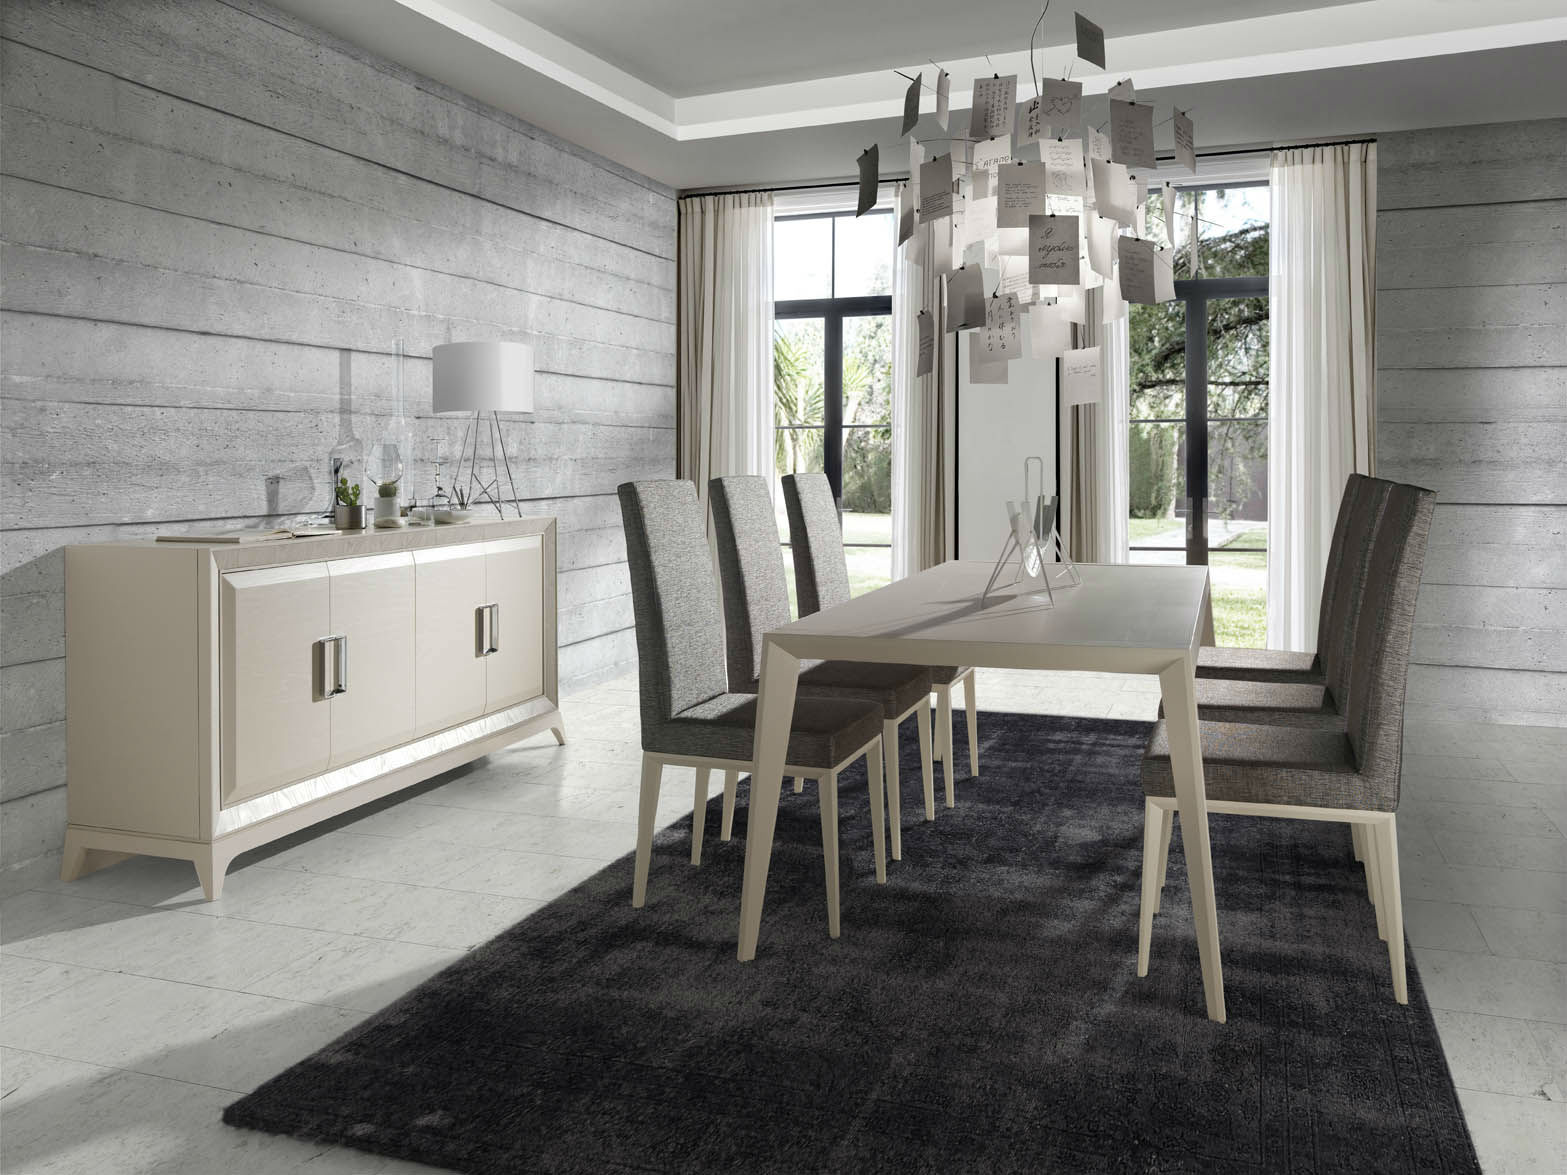 Comedor Blanco y Gris Moderno  Muebles Avalos